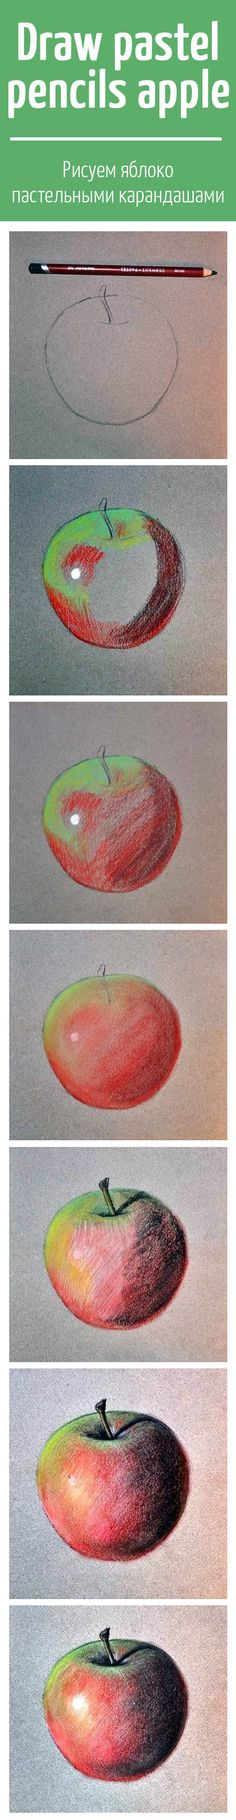 Draw pastel pencils apple Рисуем яблоко  пастельными карандашами